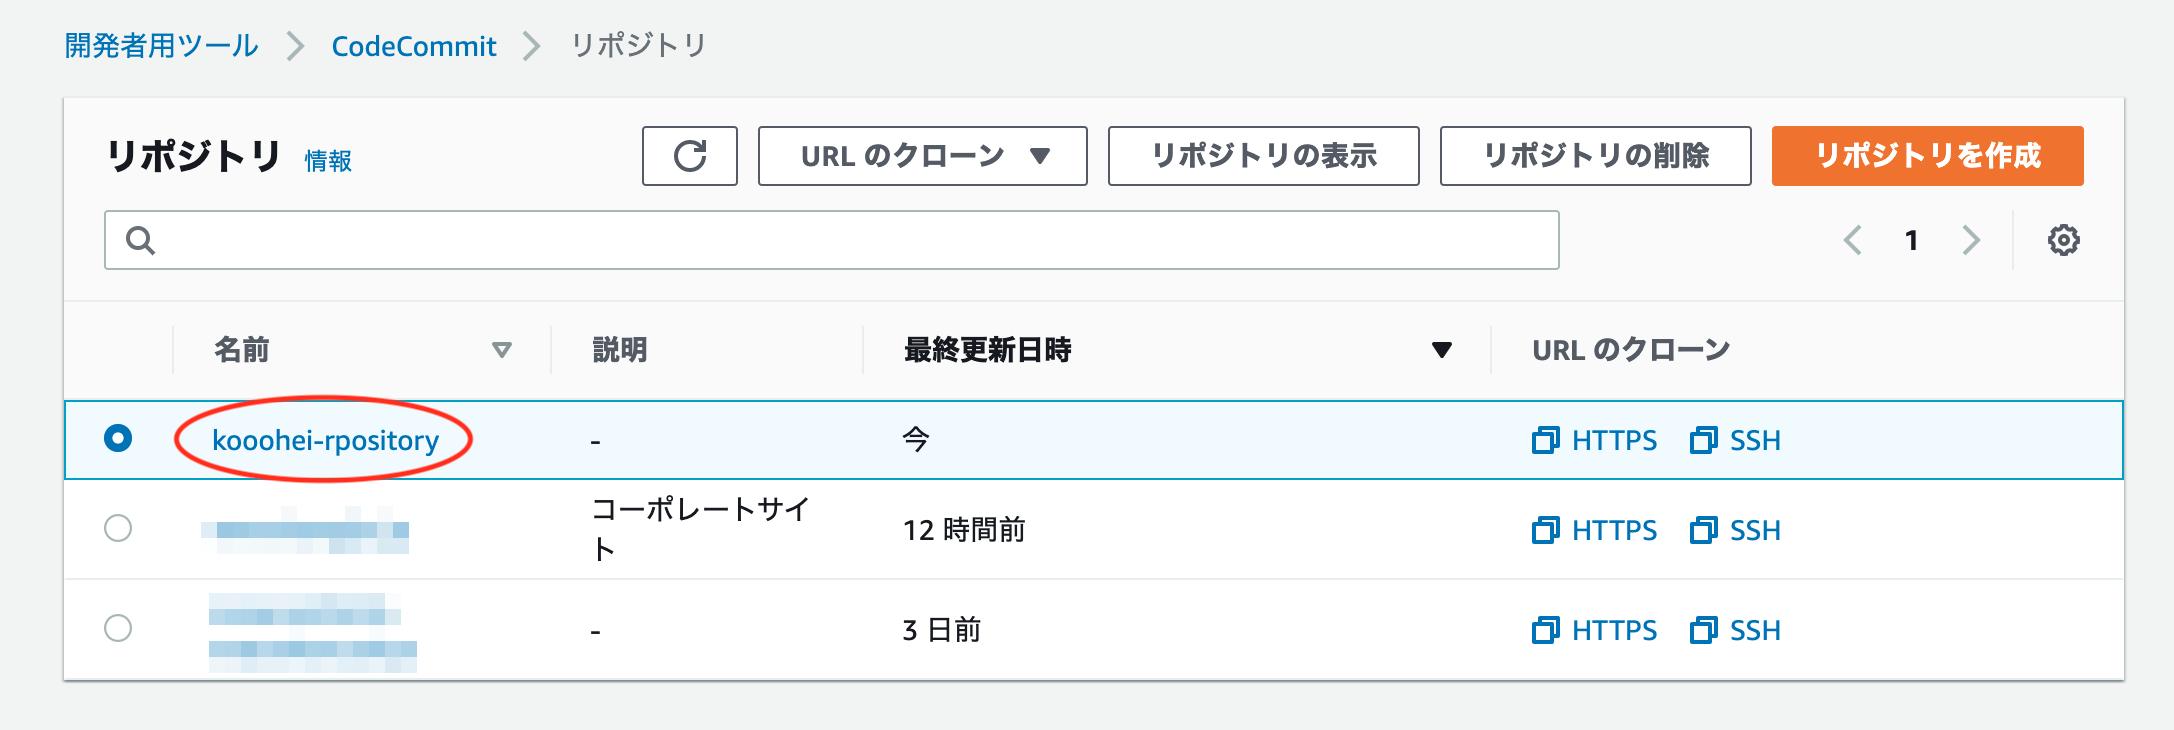 スクリーンショット 2020-02-28 14.01.13.png